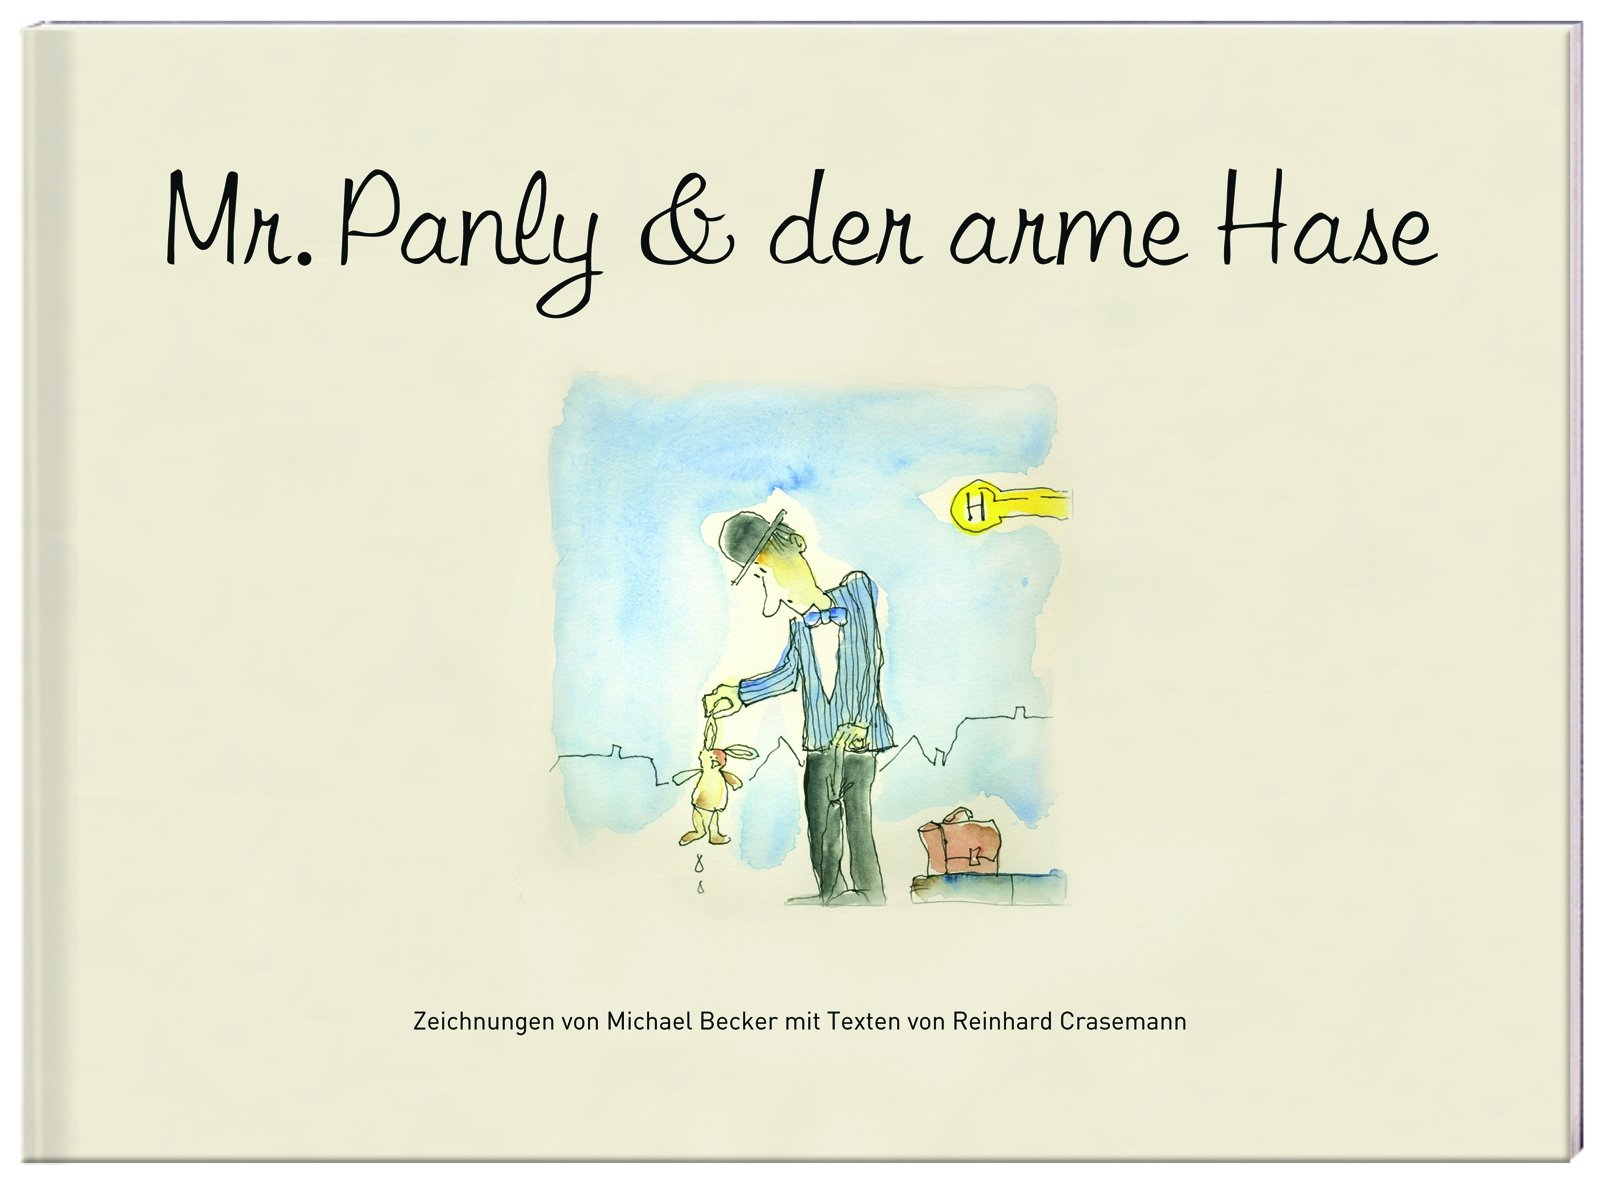 Mr. Panly und der arme Hase